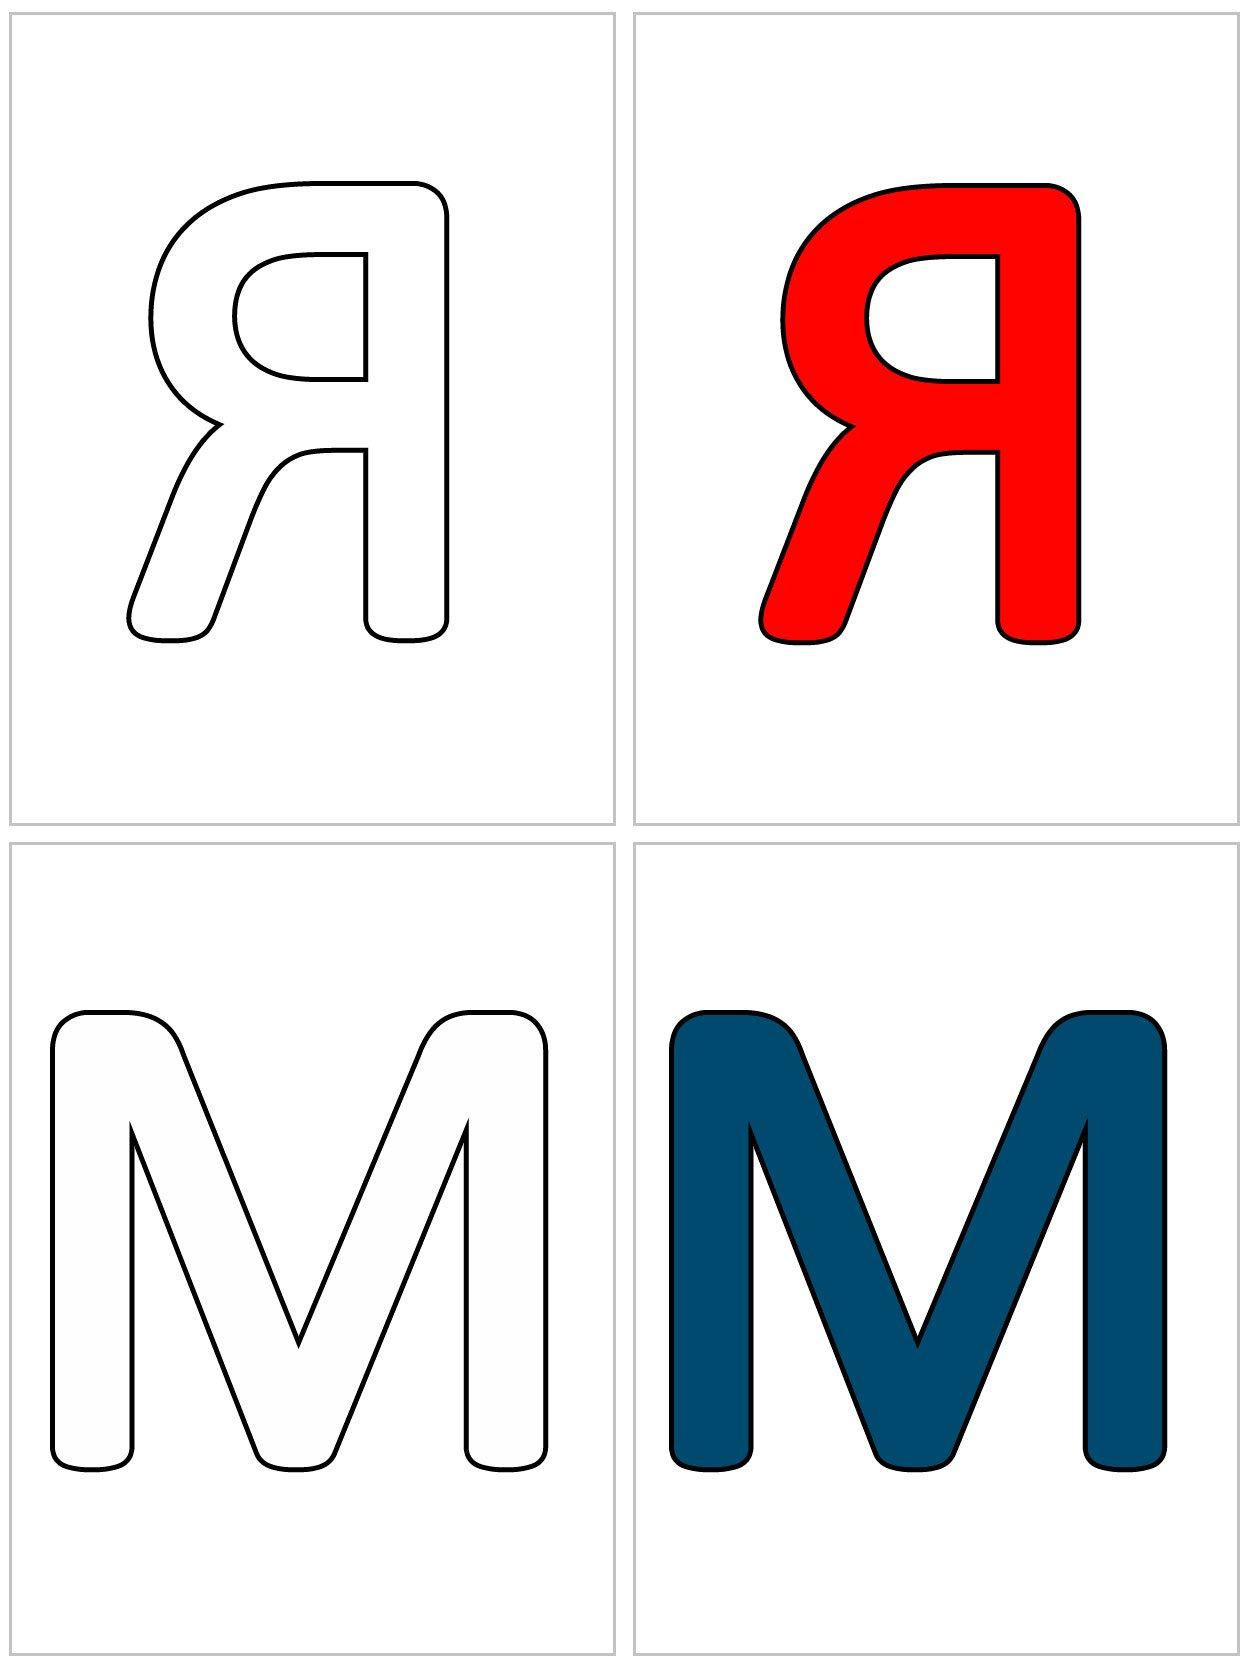 карточки с русским алфавитом распечатать картинки виды китов, список